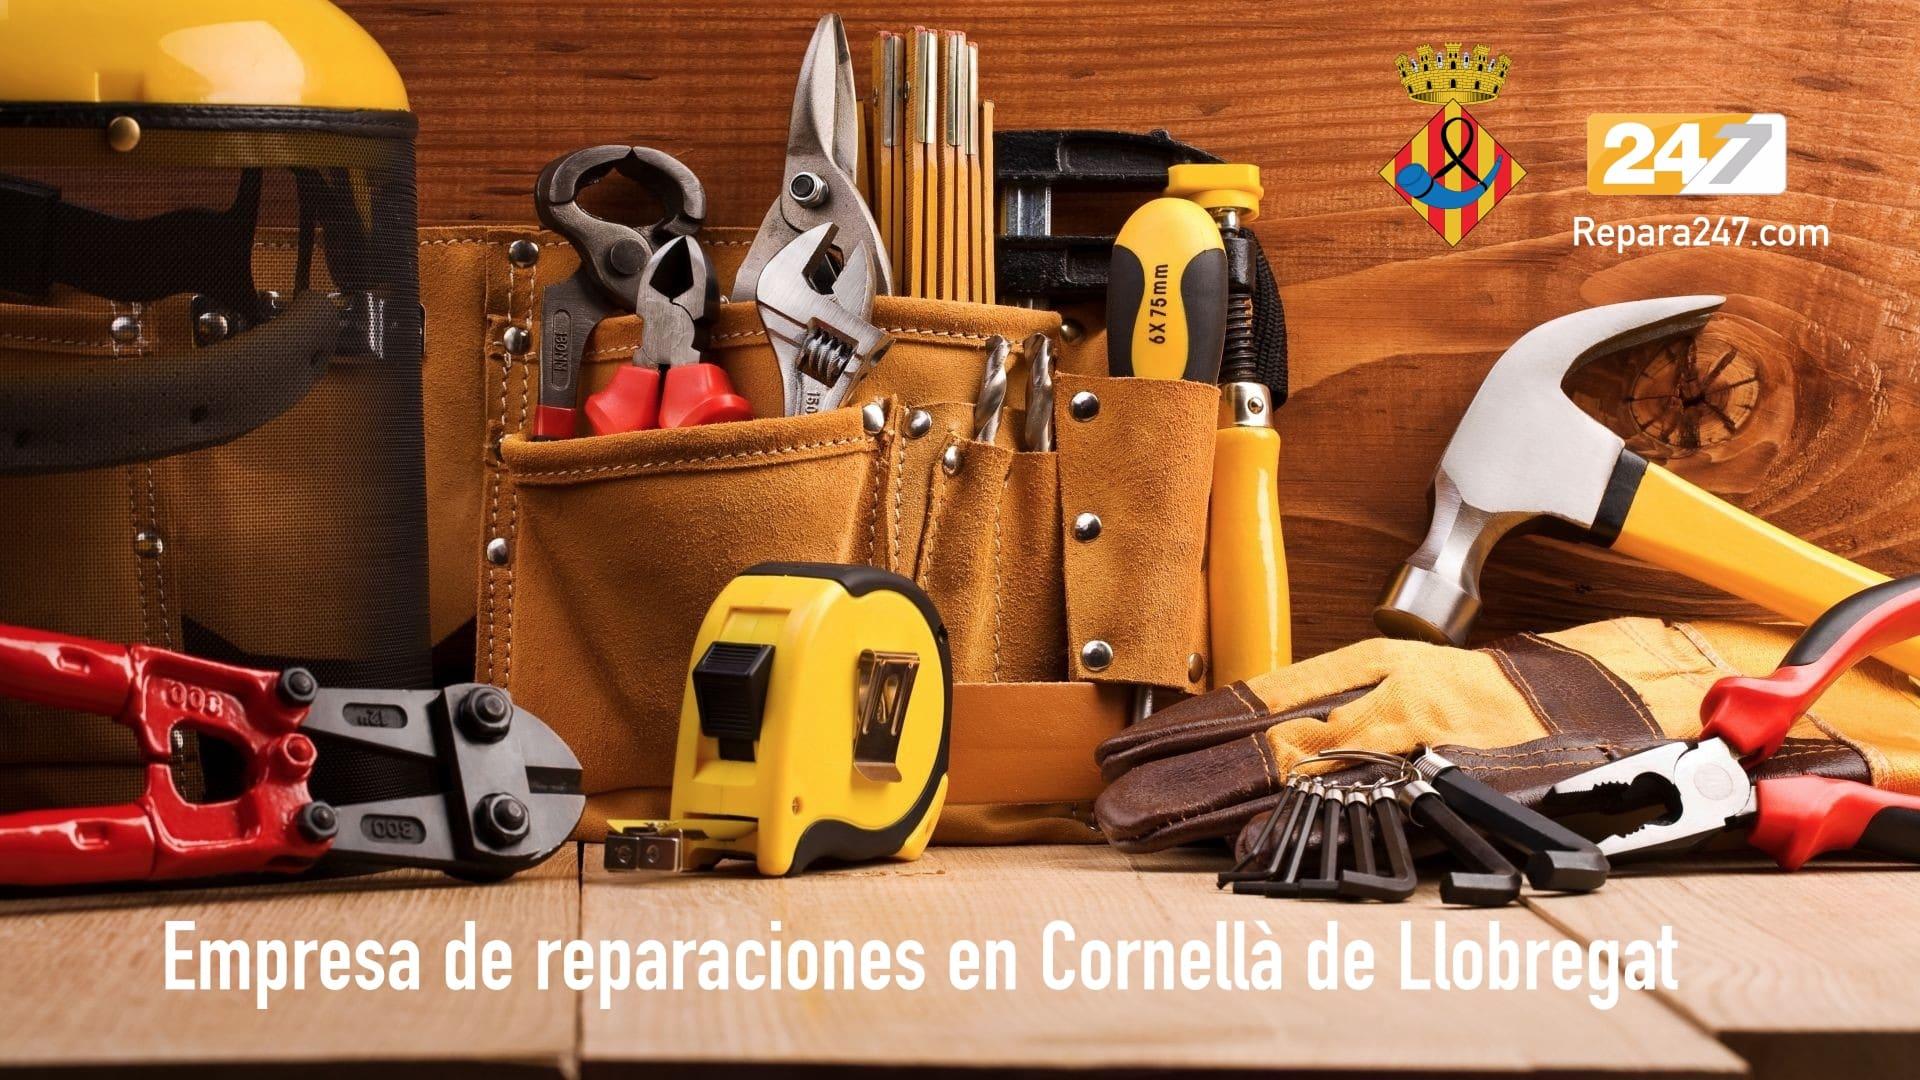 Empresa de reparaciones en Cornellà de Llobregat